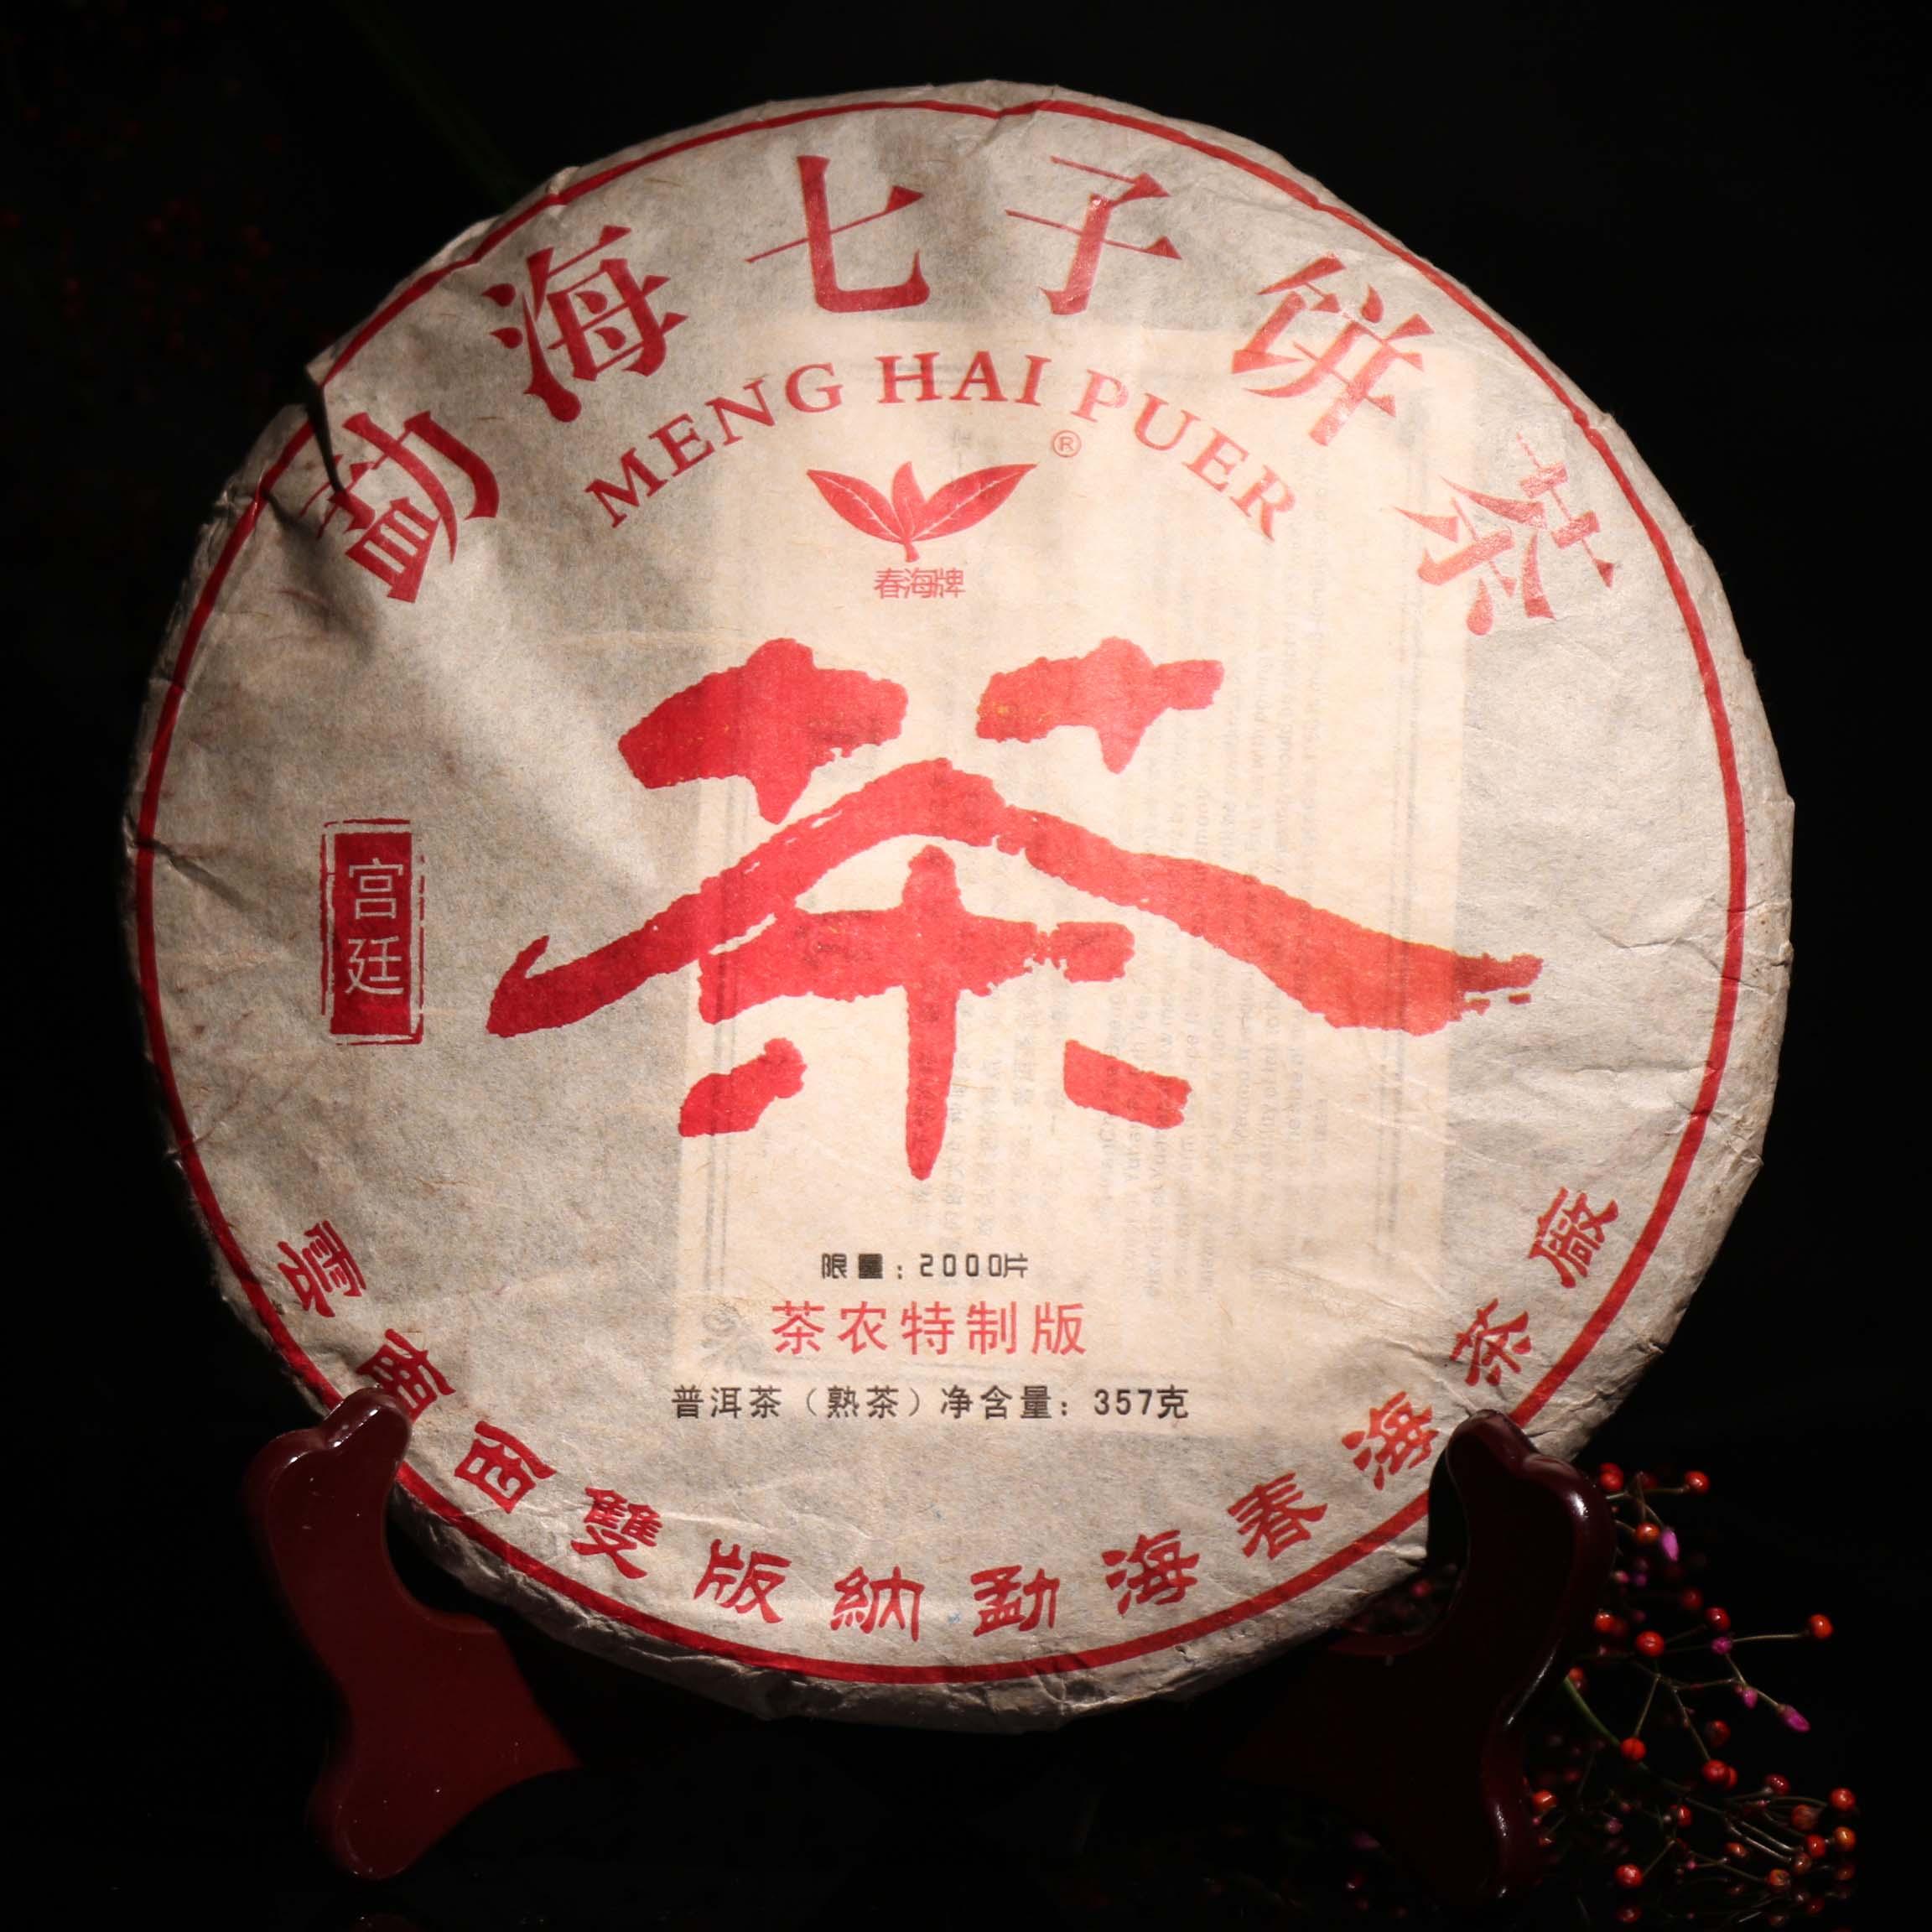 普洱茶熟茶 勐海 05年春海金奖七子饼 357g 特级 茶农特制